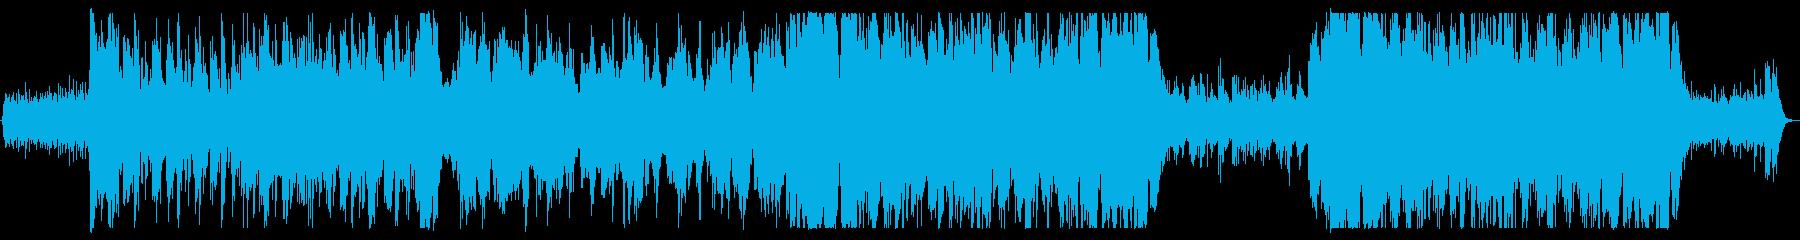 オーケストラ・エピック・冒険の再生済みの波形